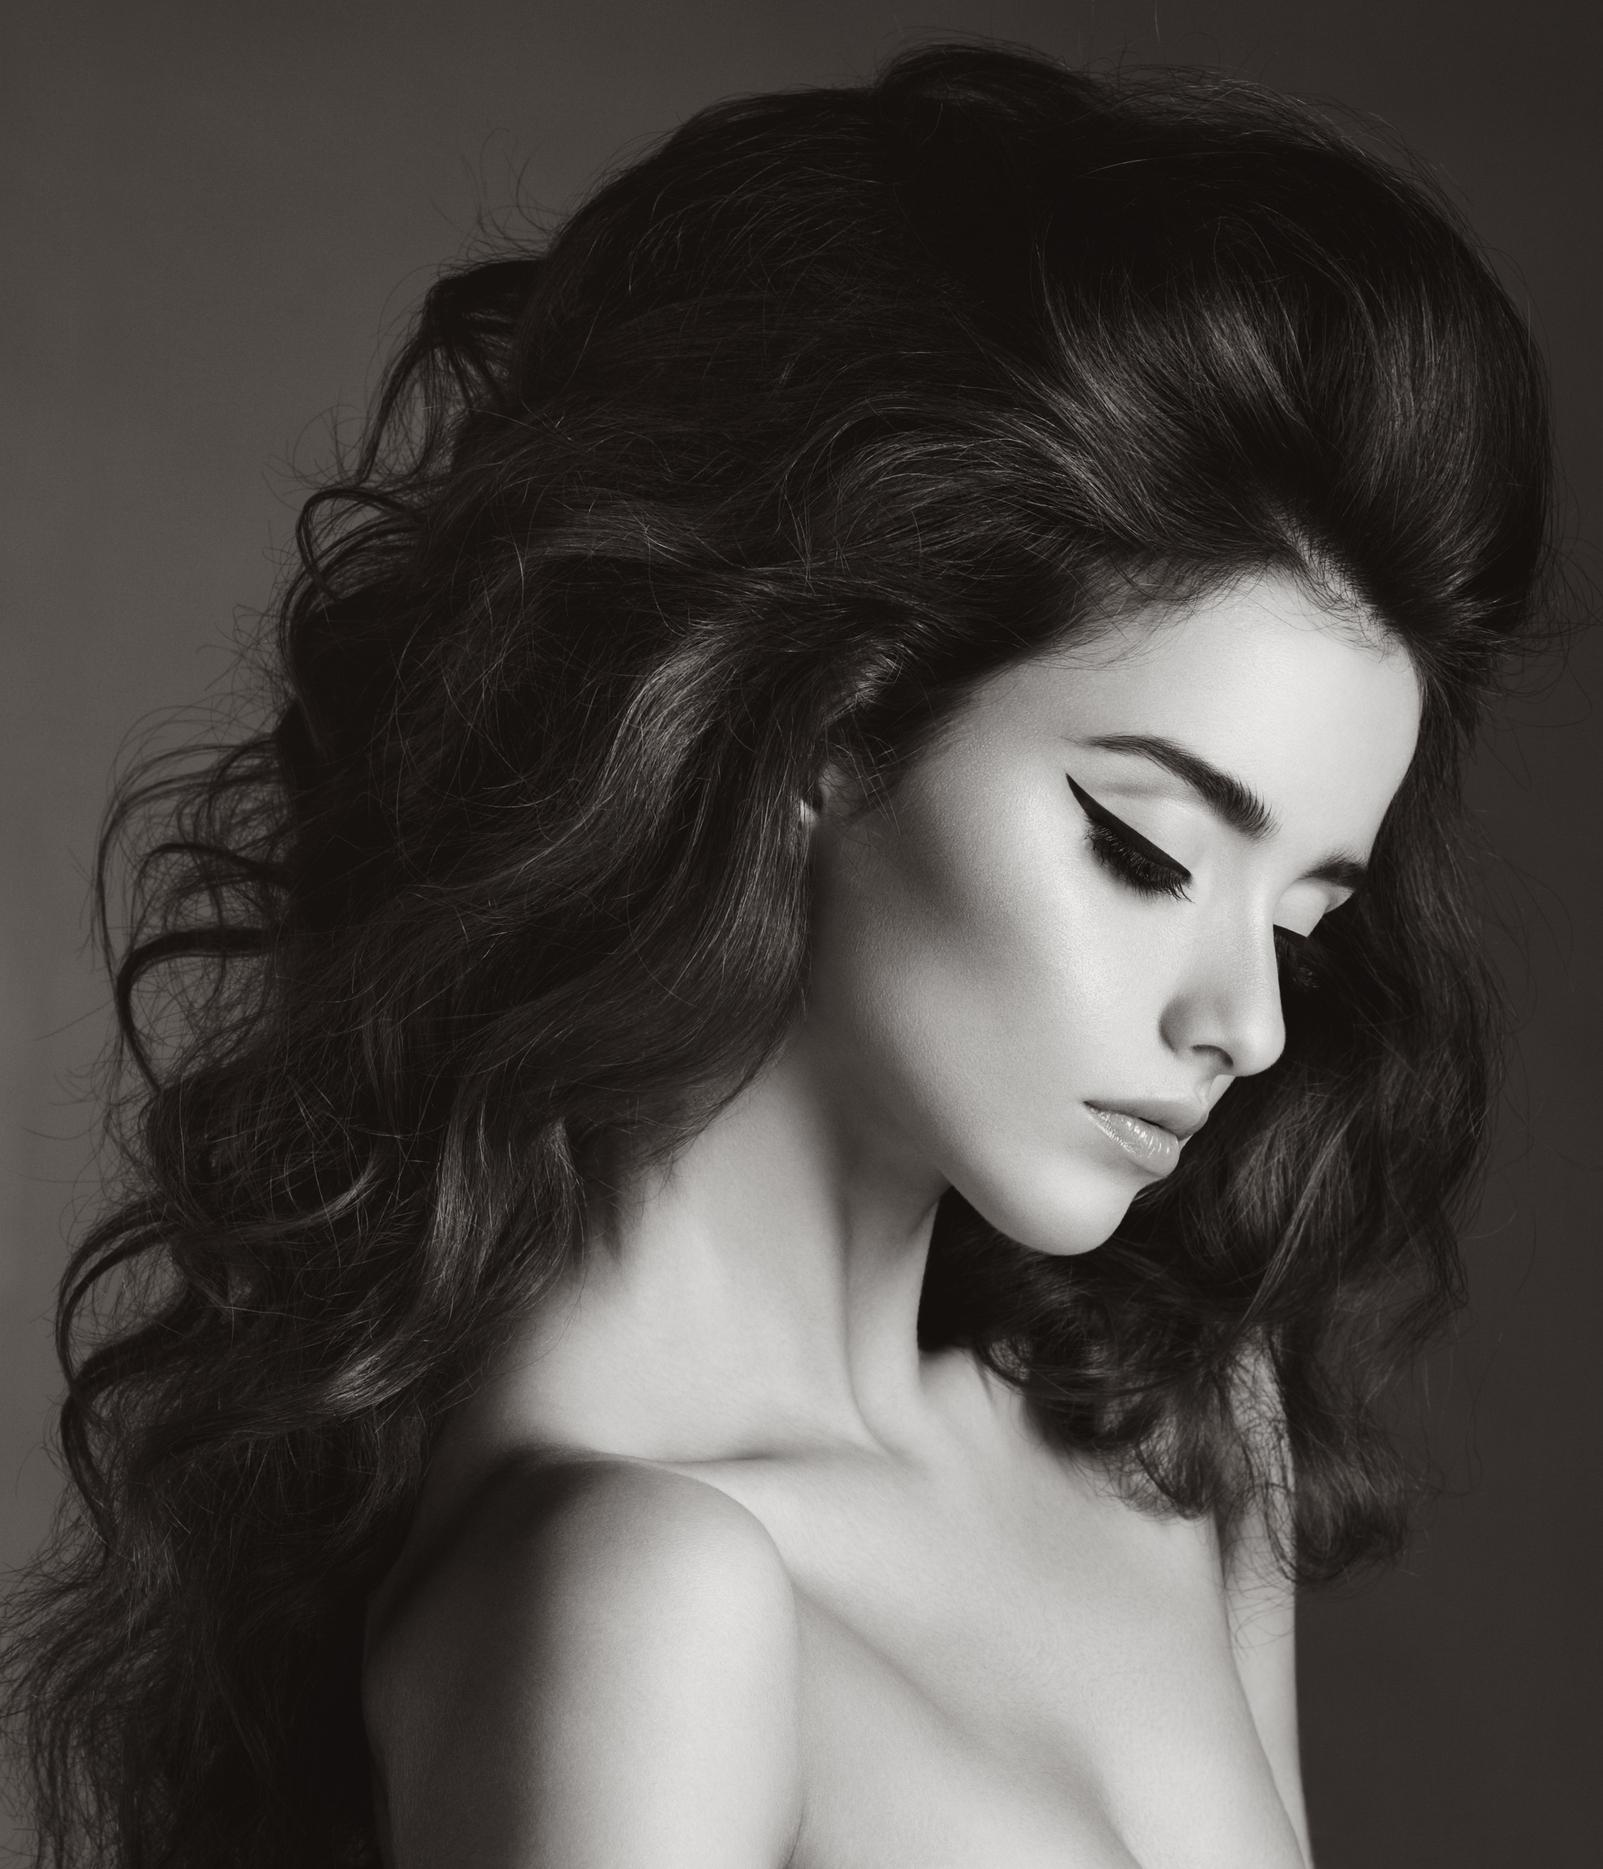 soin anti chute de cheveux pour femmes brunes et blondes